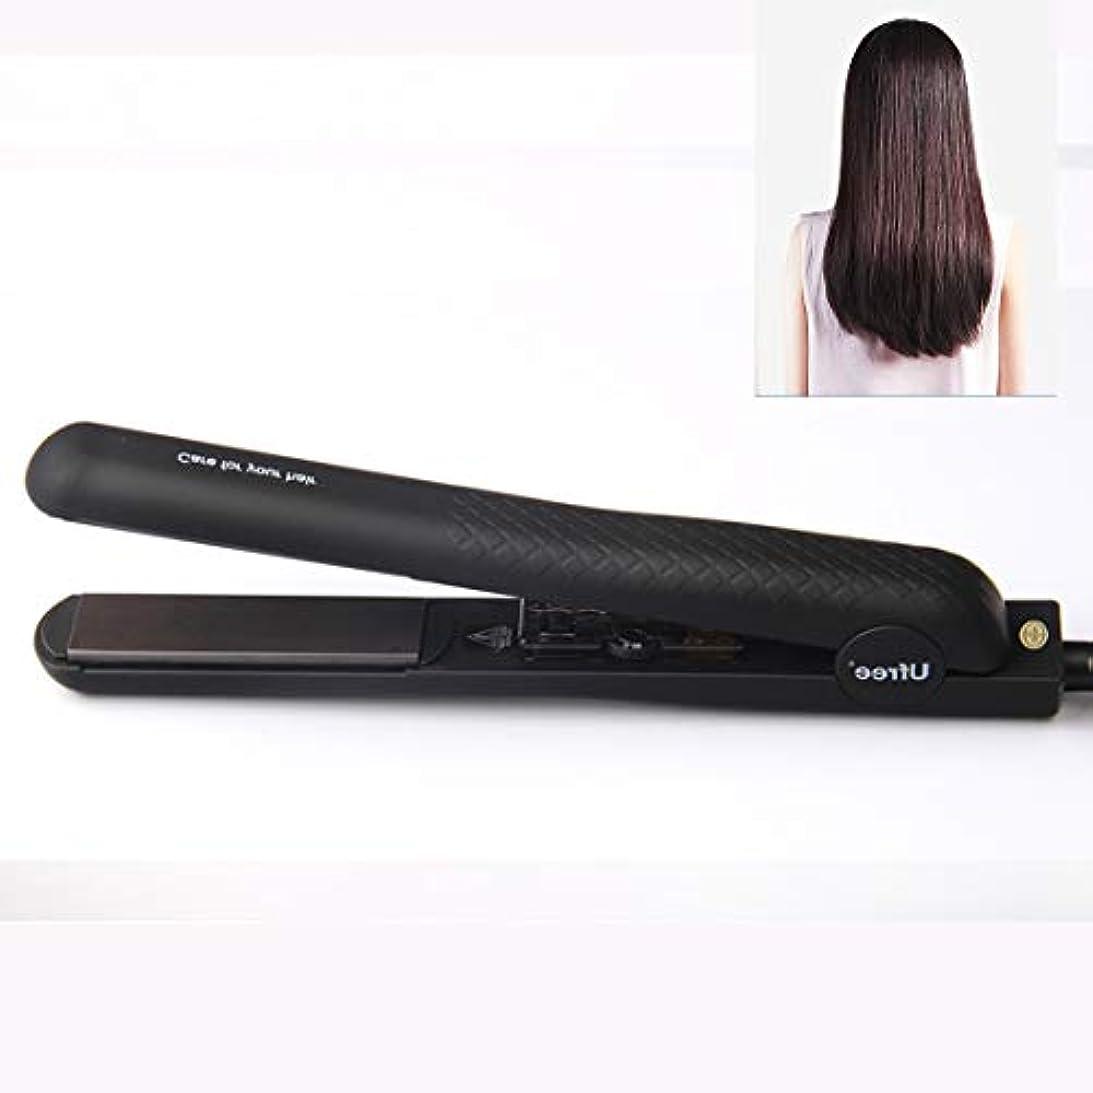 スラム街計算可能エトナ山MEI1JIA Ufree U-330セラミックプレート調節可能な温度ストレートヘアアイロン電気合板理髪ツール髪用、EUプラグ(ブラック) (色 : Black)